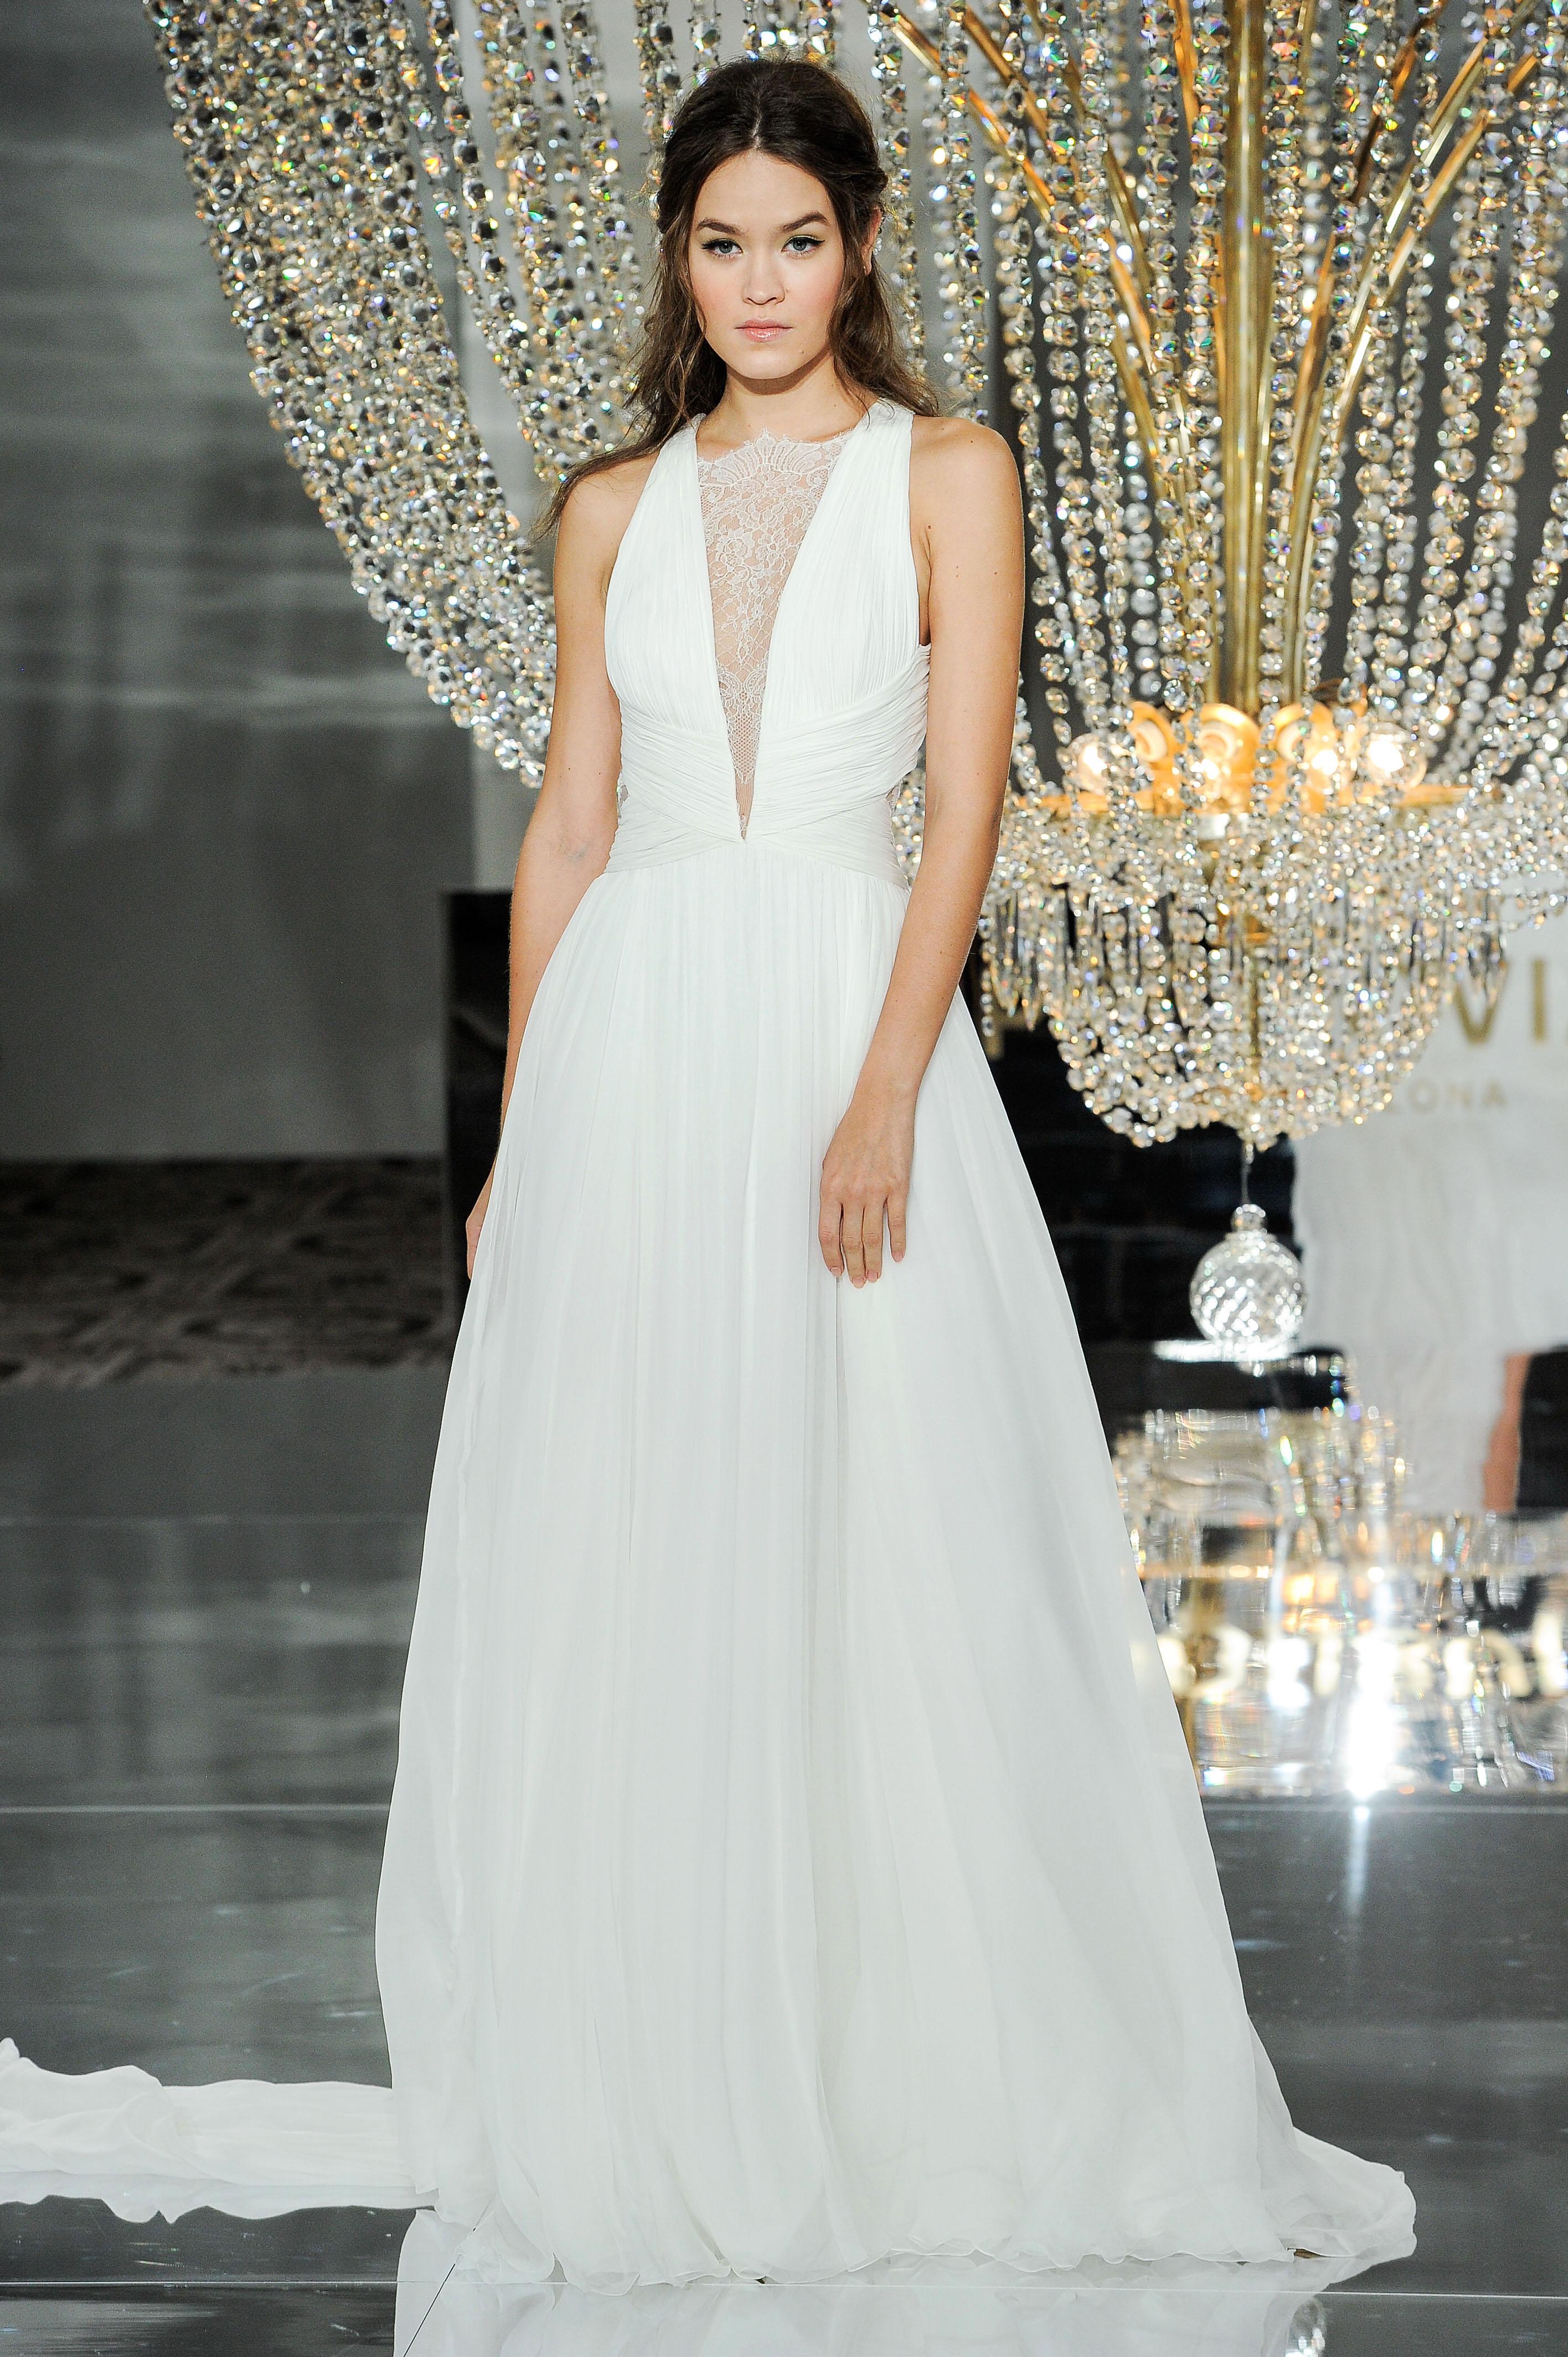 pronovias wedding dress fall 2018 strapless deep v-neck a-line